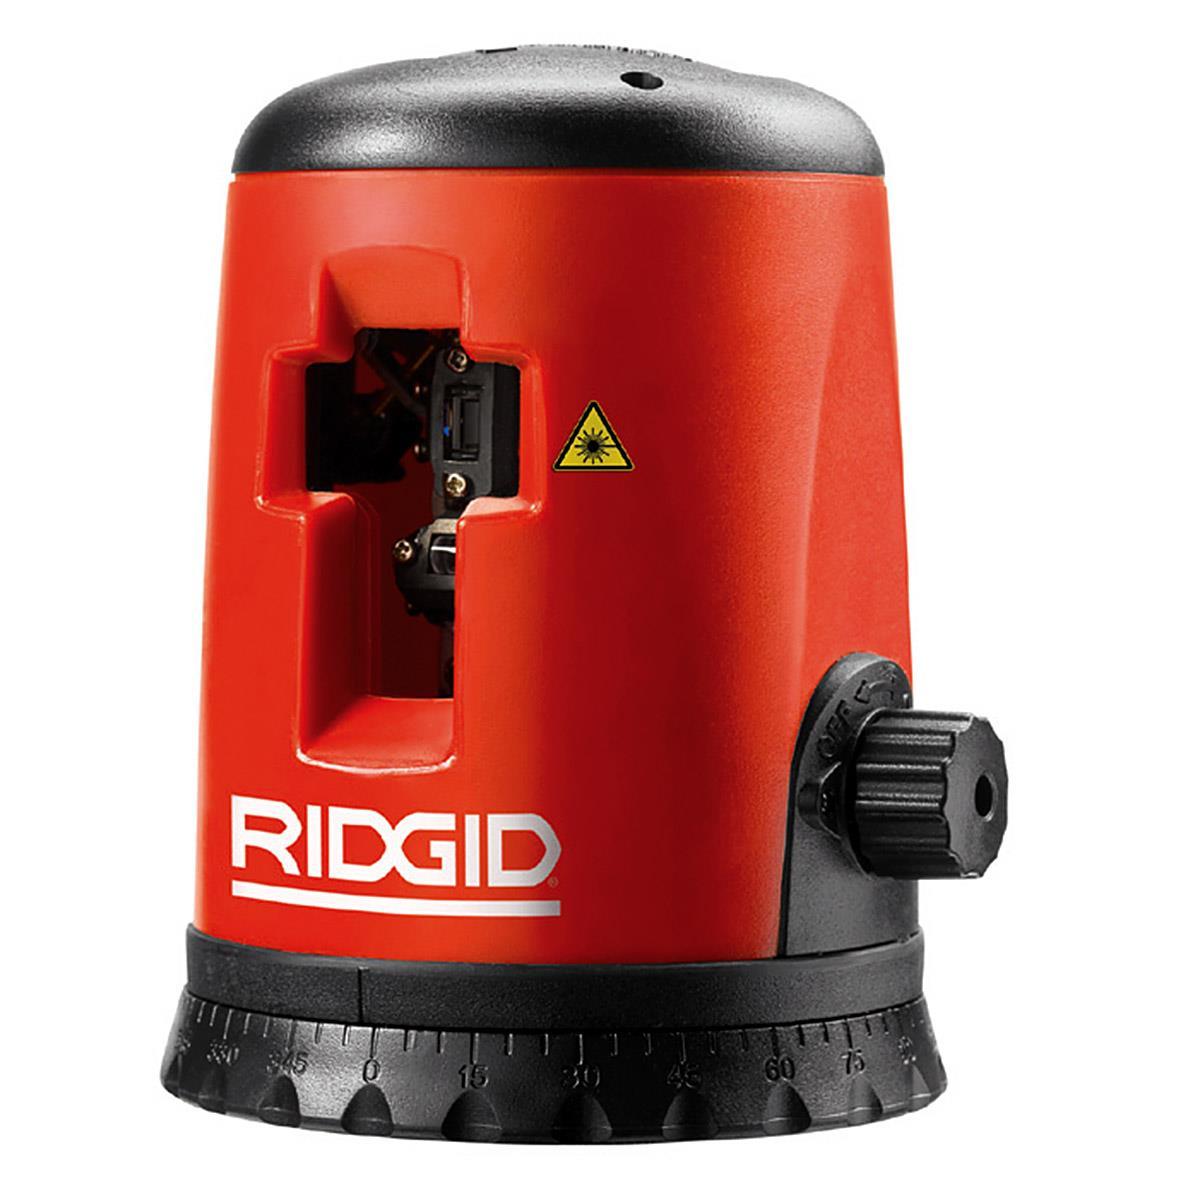 Ridgid Micro CL-100 Laser upp till 30 m stativ och skyddsglasögon